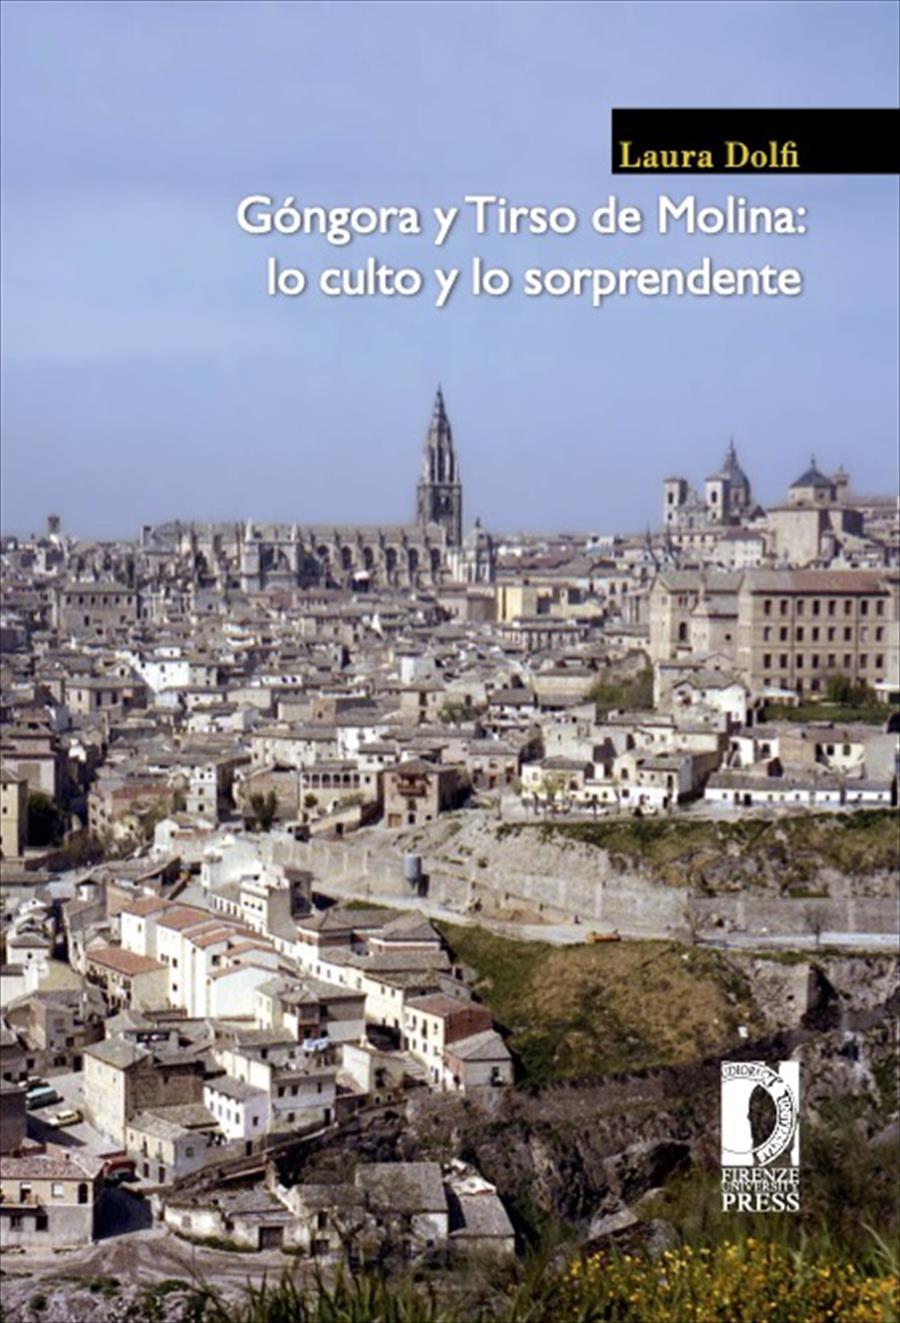 Góngora y Tirso de Molina: lo culto y lo sorprendente